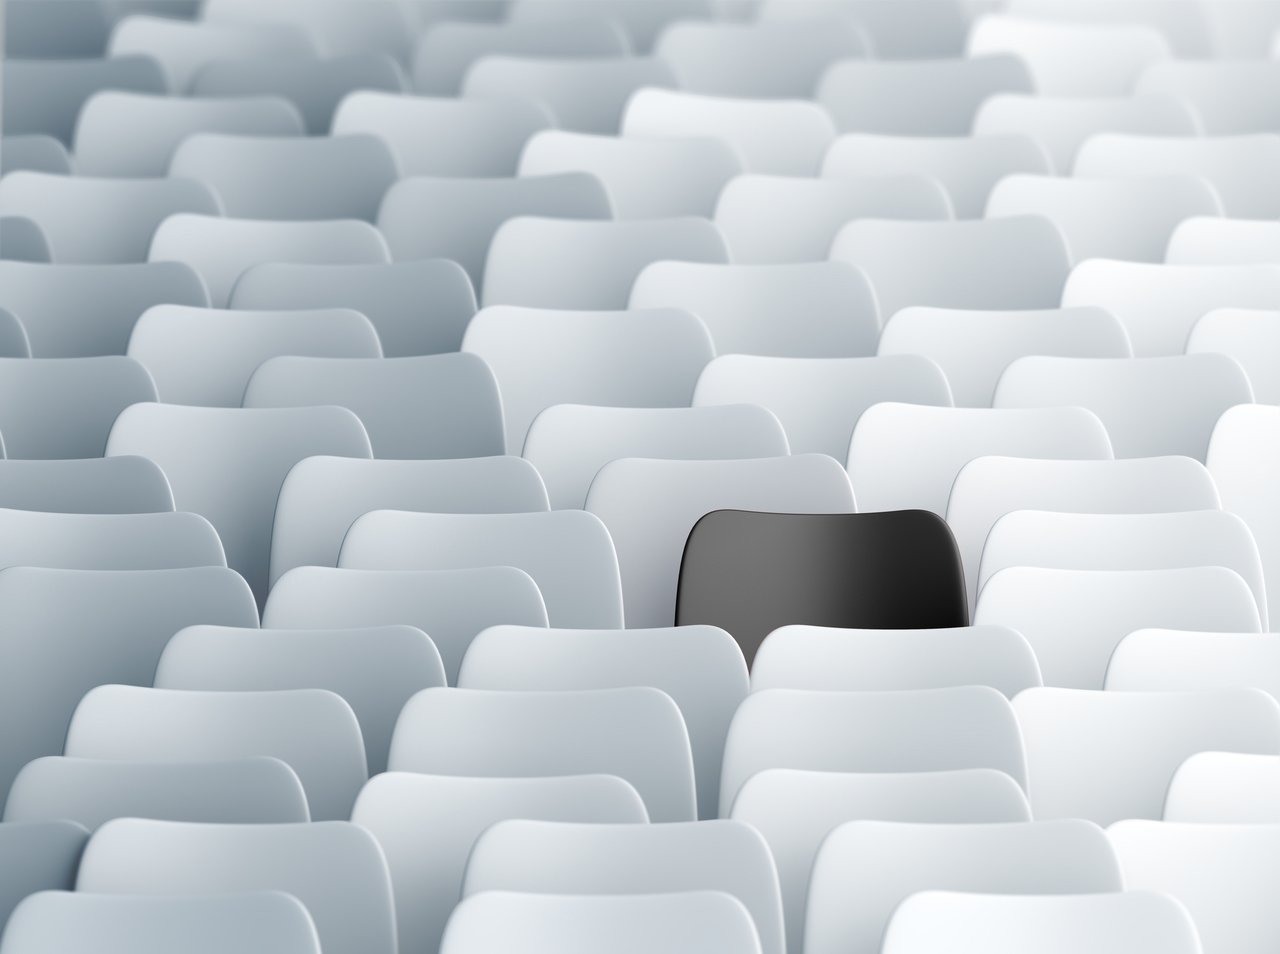 Grupo de cadeiras brancas. Ao centro, uma cadeira preta se destaca.